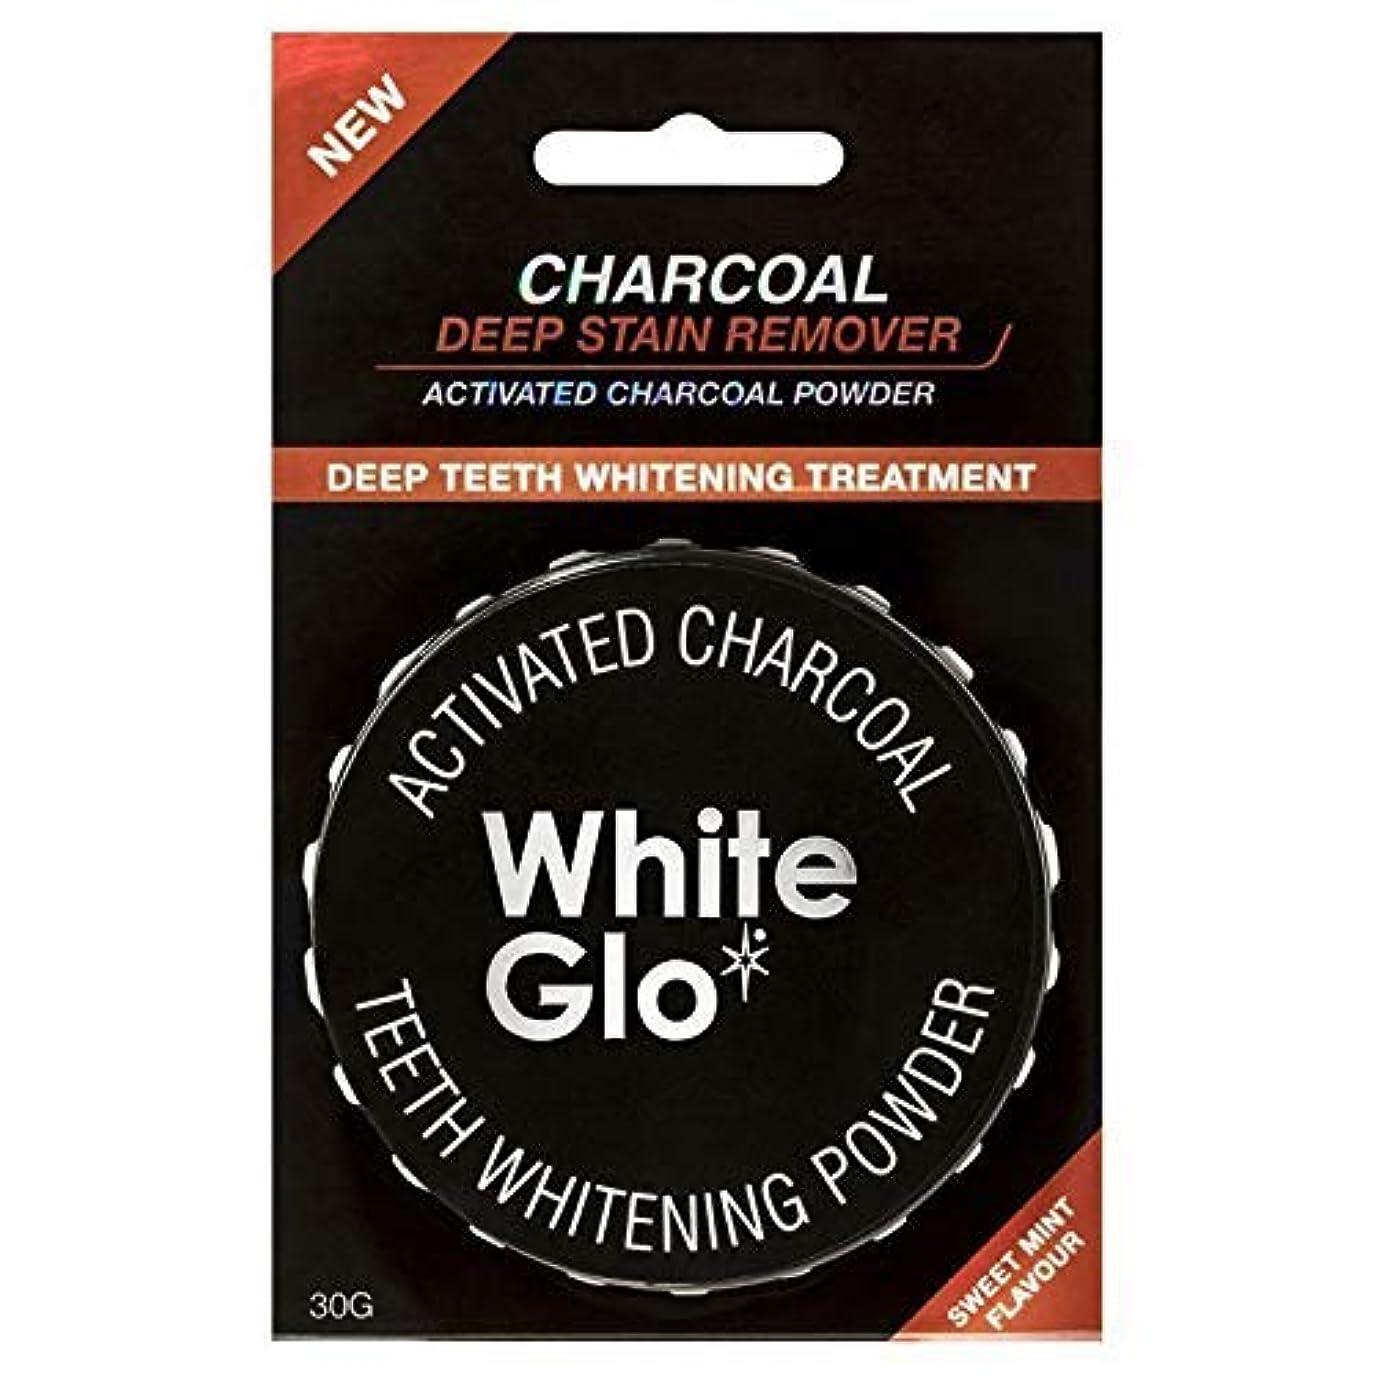 気がついて視力リテラシーTeeth Whitening Systems White Glo Activated Charcoal Teeth Whitening Powder 30g Australia / システムを白くする歯を白くする歯の粉...